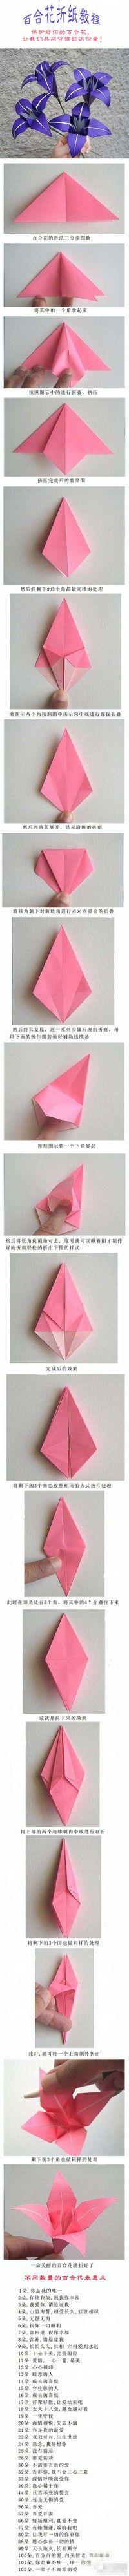 〖〗 Com lírio tutoriais origami diferente senso numérico, a coleção é ~